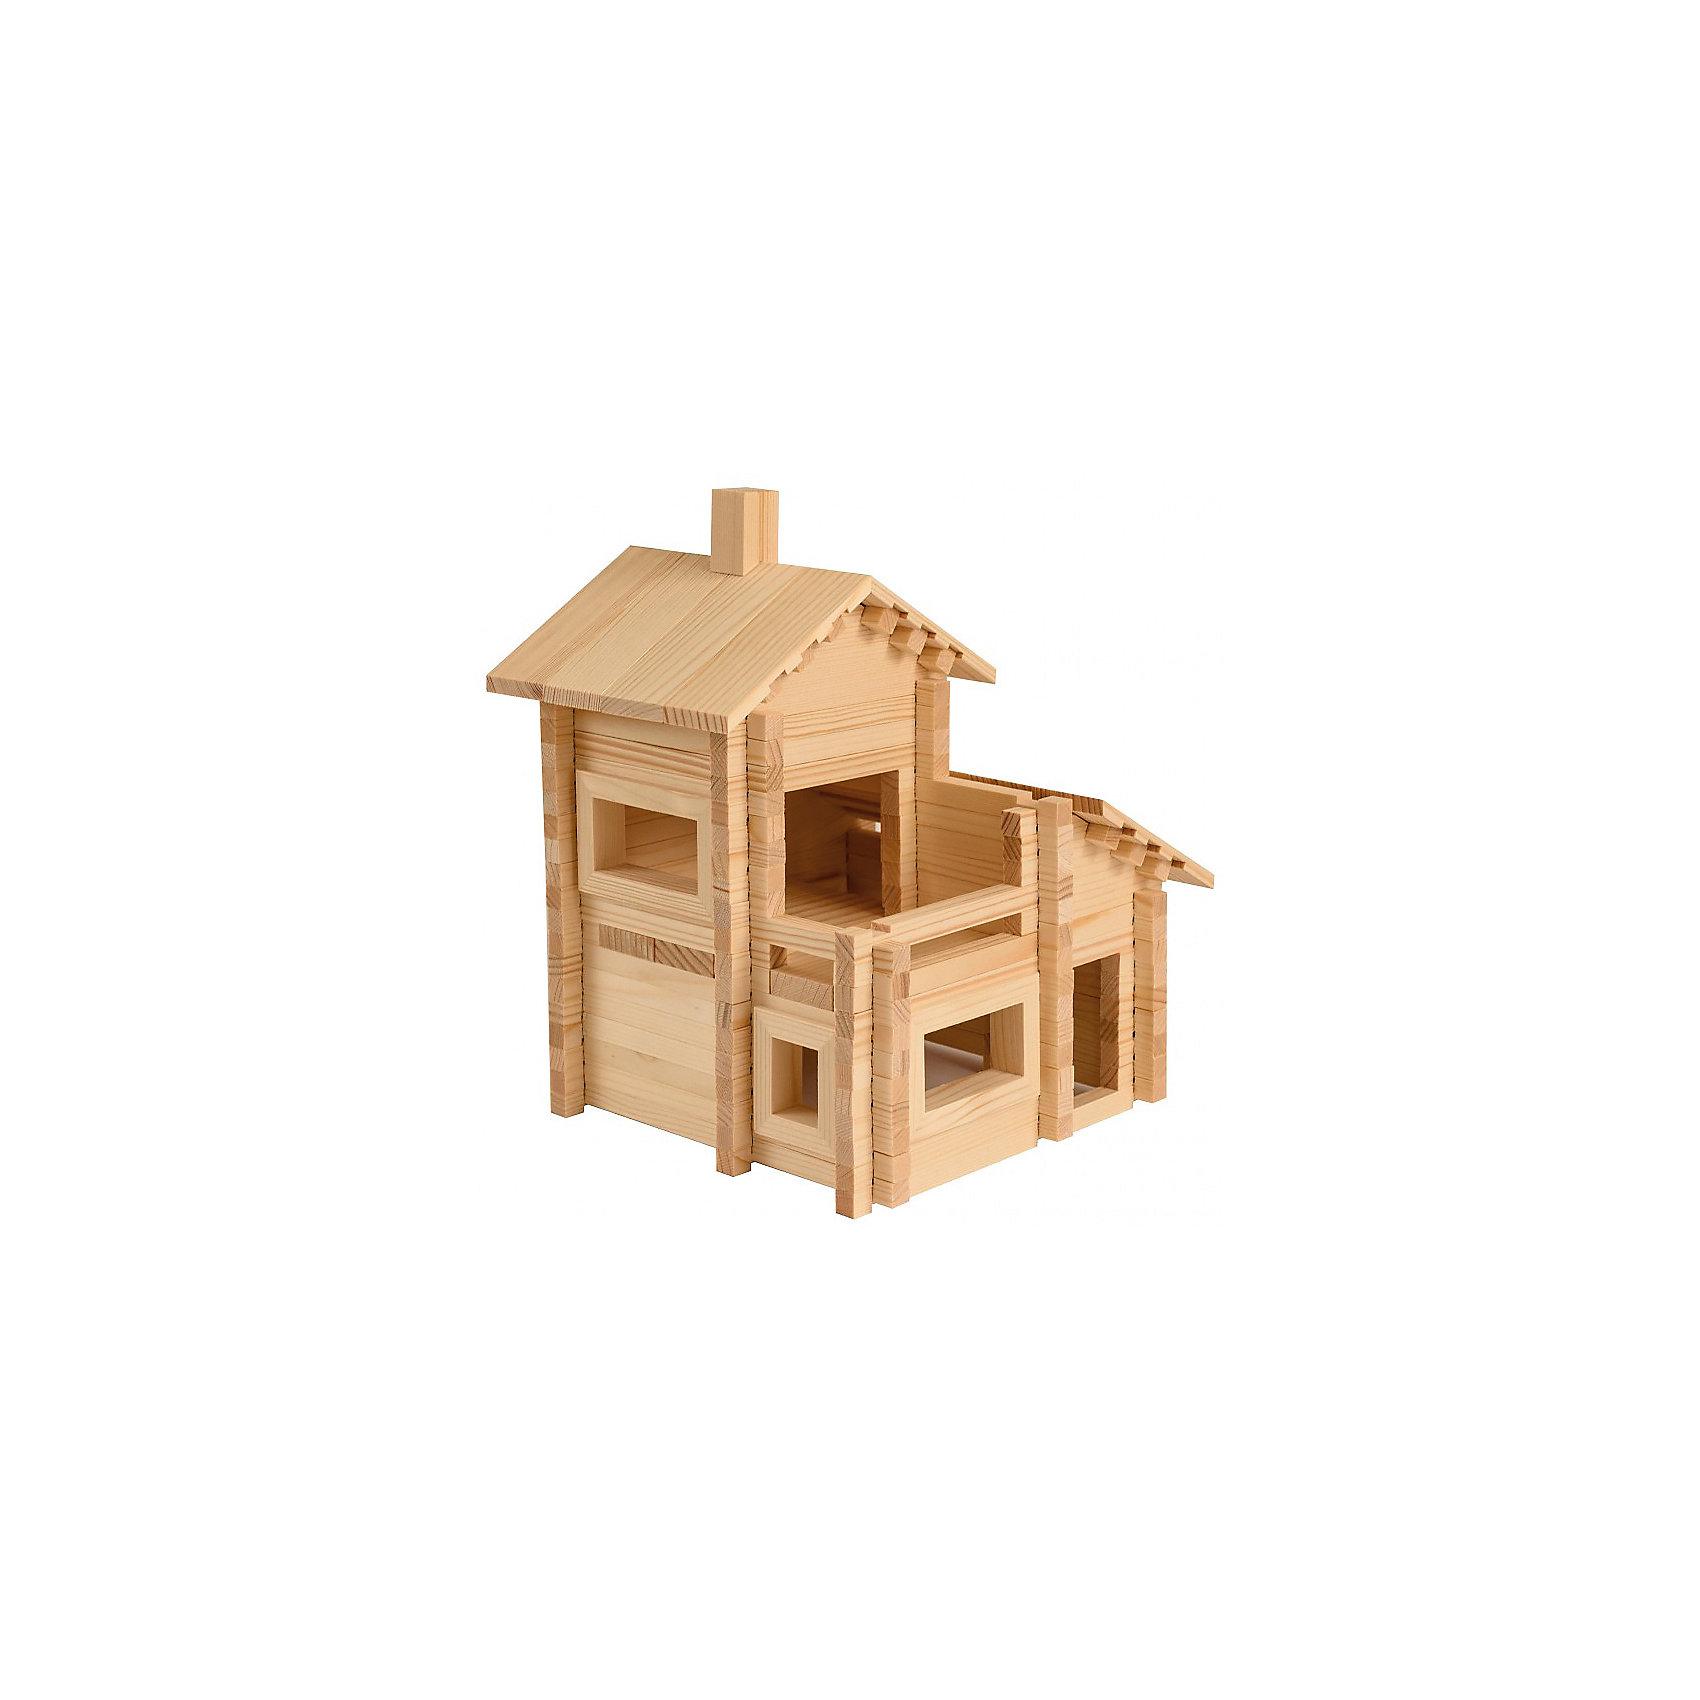 Конструктор Разборный домик №4, 200 деталей, ЛЕСОВИЧОКДеревянные конструкторы<br>Конструктор Разборный домик №4, 200 деталей, ЛЕСОВИЧОК<br><br>Характеристики:<br><br>• можно собрать 19 различных домиков<br>• подробная инструкция в комплекте<br>• материал: дерево<br>• количество деталей: 200<br>• размер домика: 20х20х25 см<br>• размер упаковки: 29,5х26,5х7 см<br>• вес: 1163 грамма<br><br>Из конструктора Разборный домик №4 ребенок сможет собрать 19 домиков разного вида. Детали легко соединяются между собой и подходят к аналогичным наборам. Готовый домик можно использовать для игр с куклами или игрушками. Конструктор развивает мелкую моторику, внимательность, логическое мышление и координацию движений.<br><br>Конструктор Разборный домик №4, 200 деталей, ЛЕСОВИЧОК вы можете купить в нашем интернет-магазине.<br><br>Ширина мм: 265<br>Глубина мм: 290<br>Высота мм: 70<br>Вес г: 1163<br>Возраст от месяцев: 36<br>Возраст до месяцев: 2147483647<br>Пол: Унисекс<br>Возраст: Детский<br>SKU: 5510773